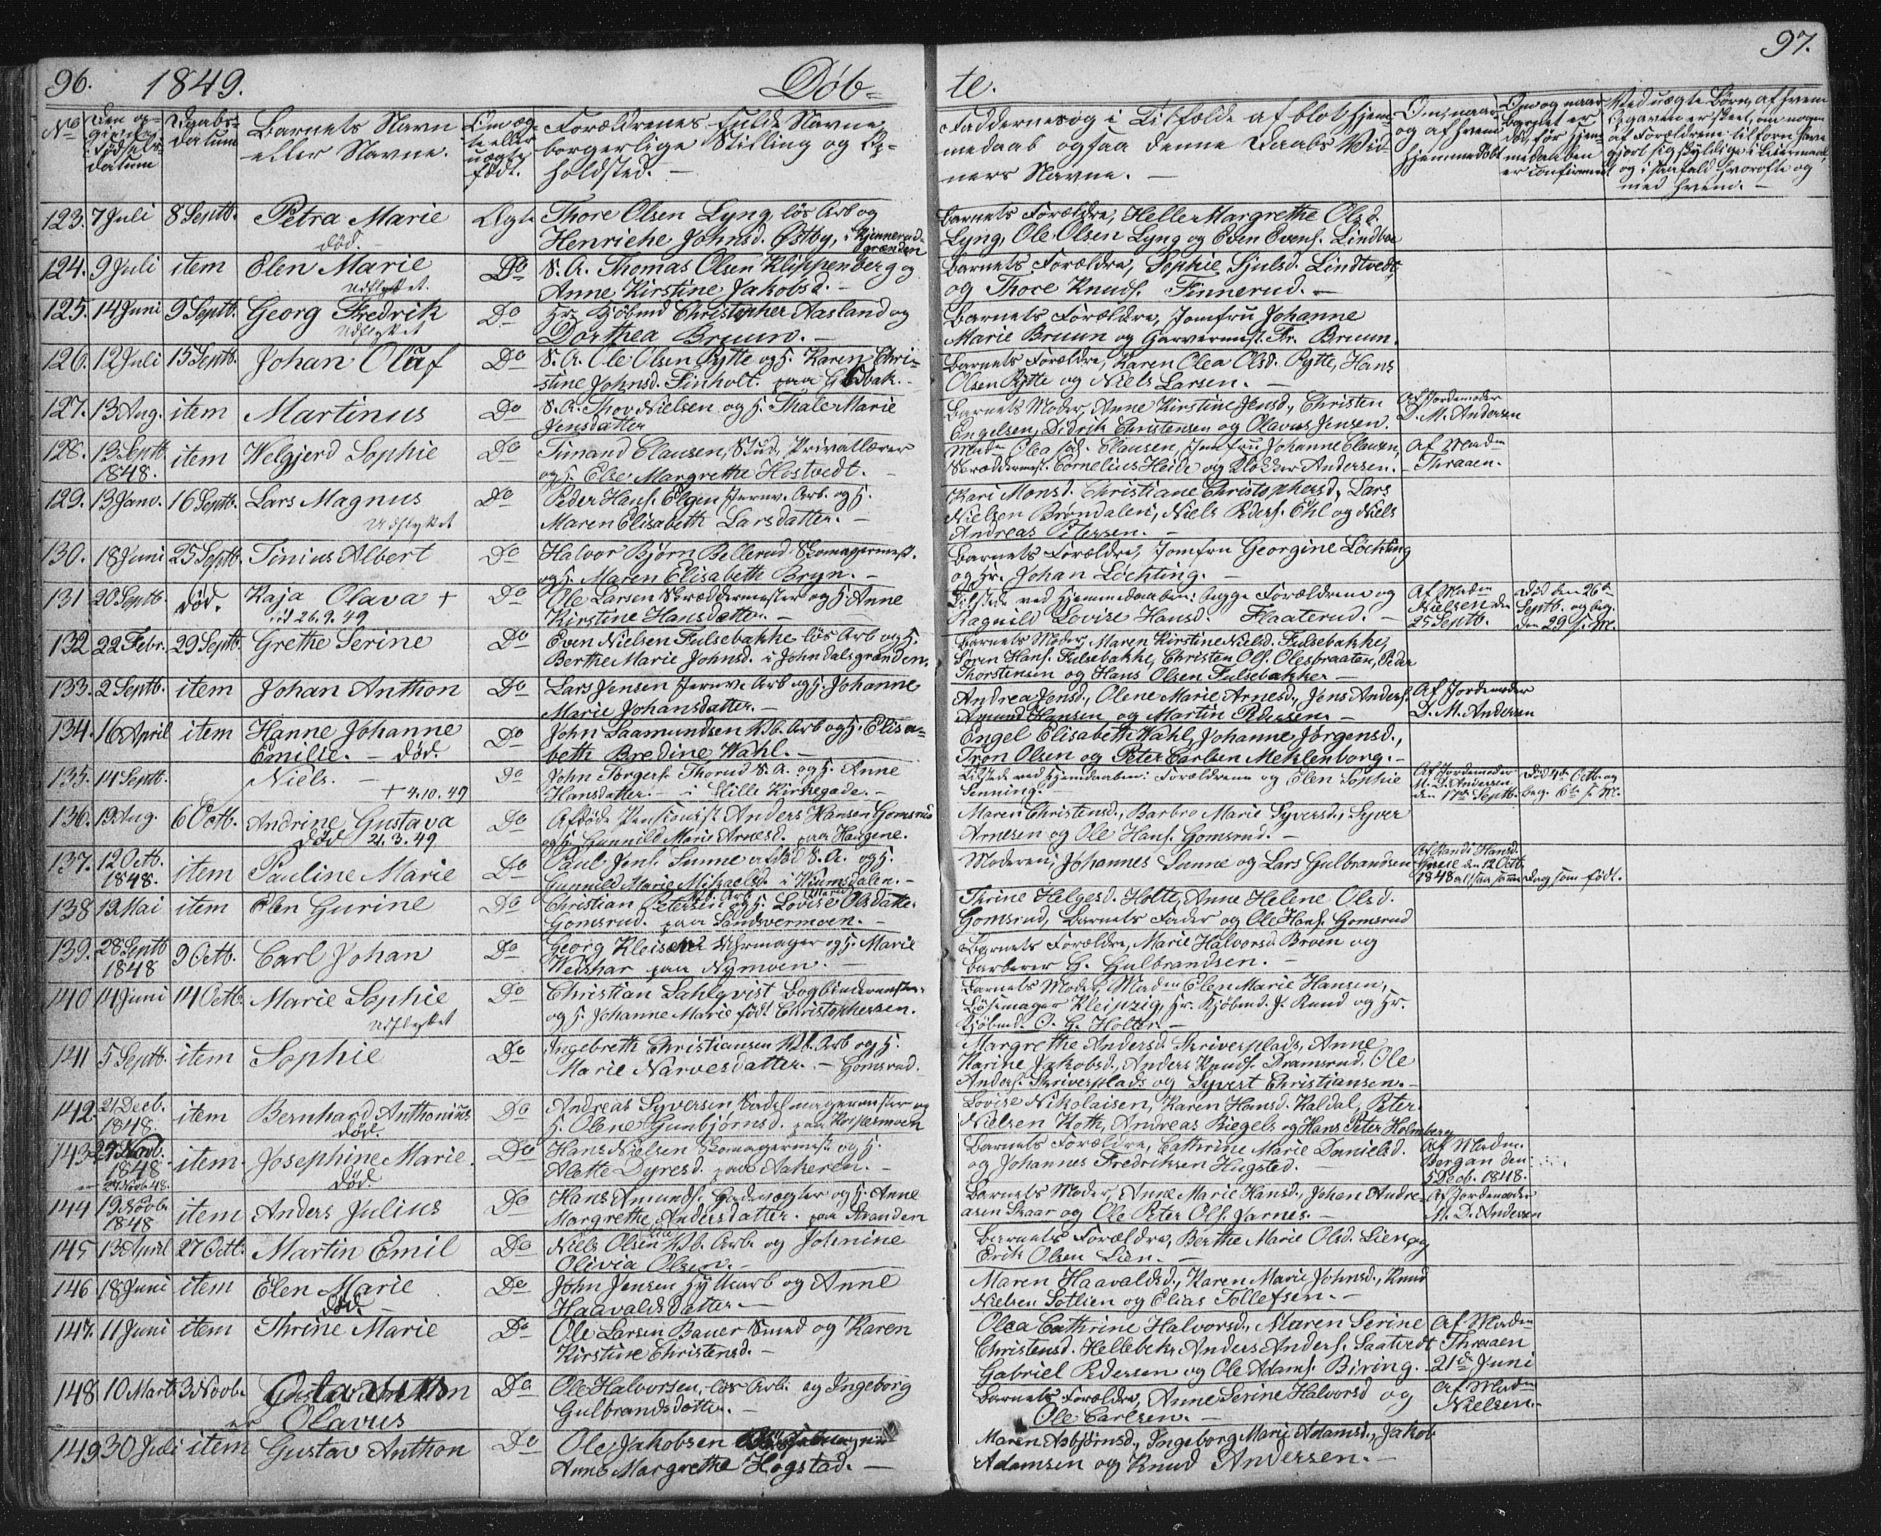 SAKO, Kongsberg kirkebøker, G/Ga/L0002: Klokkerbok nr. 2, 1839-1858, s. 96-97